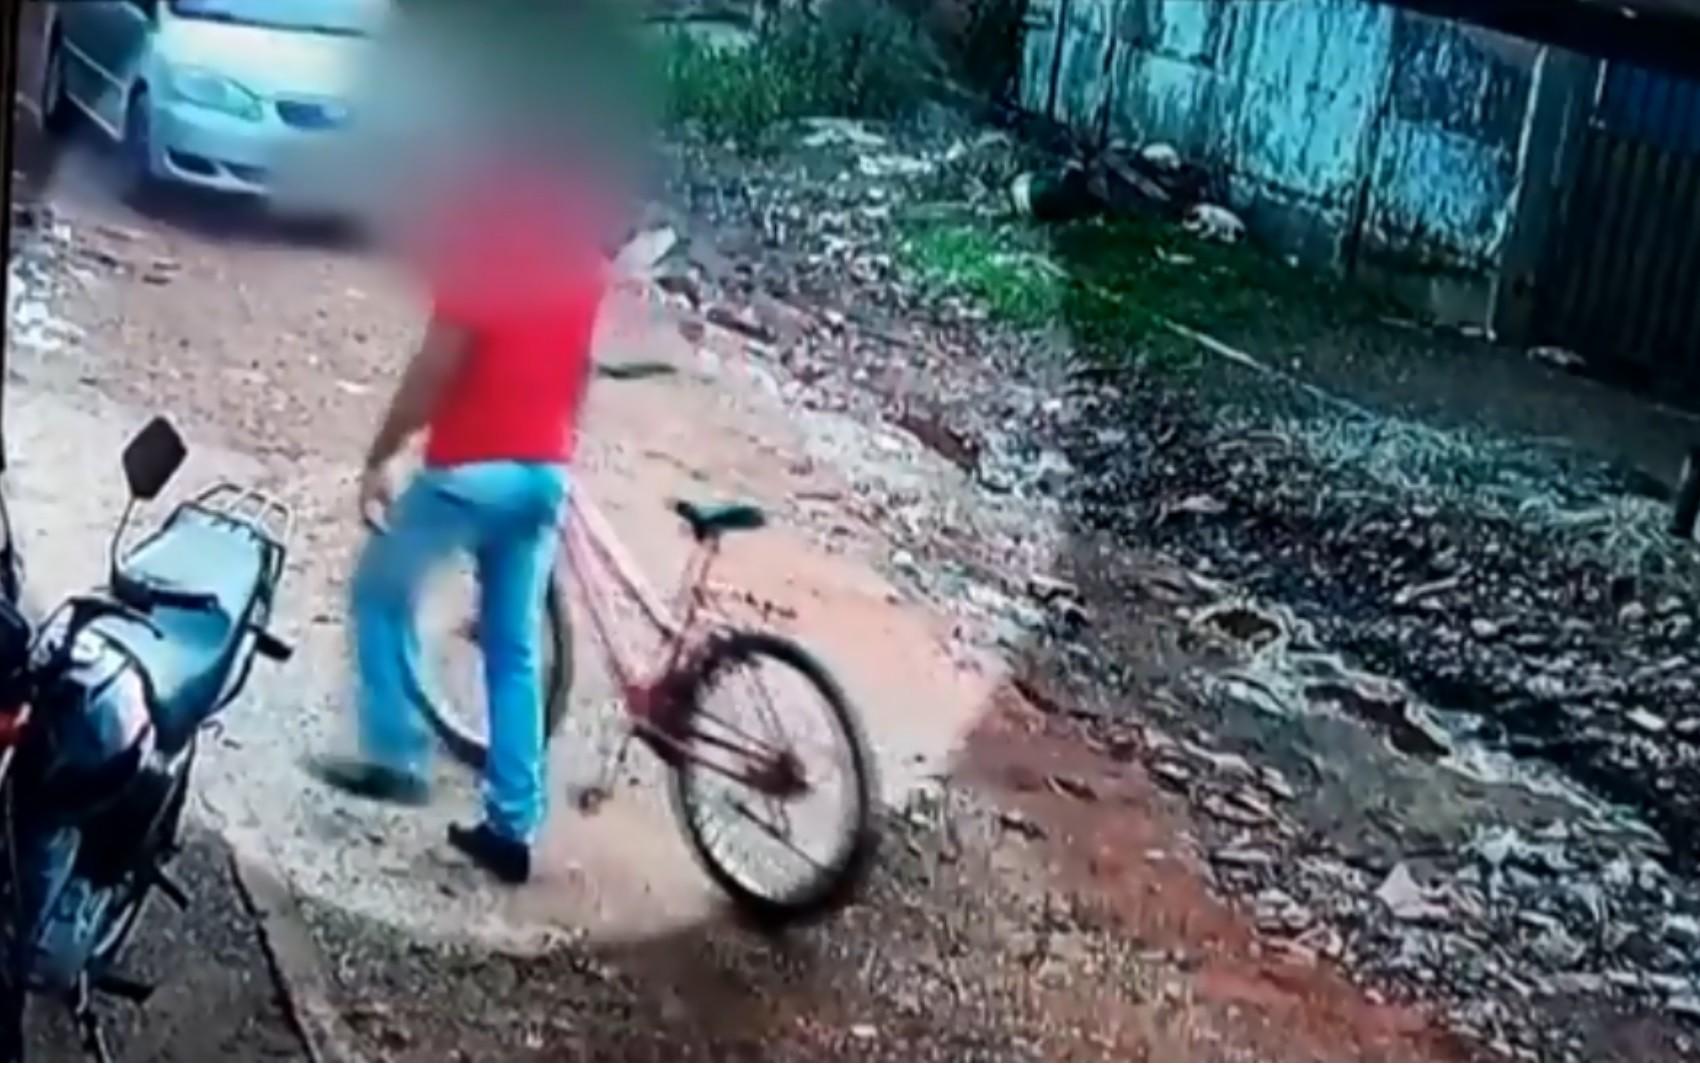 Homem é preso suspeito de tentar estuprar duas vezes menina de 12 anos, em Itaberaí